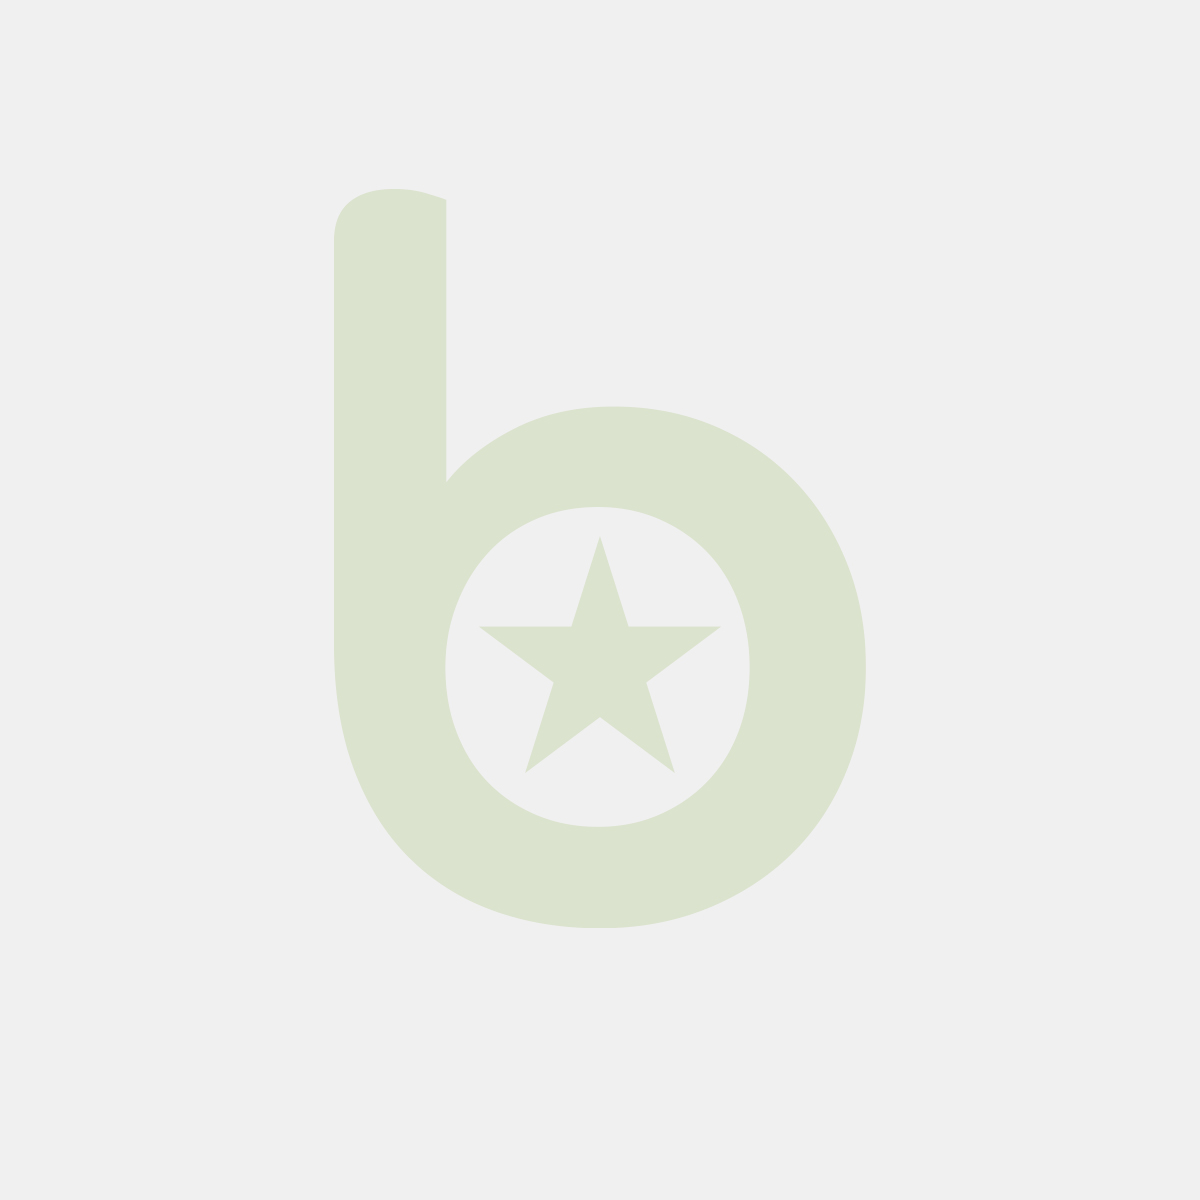 Komora Rozrostu Do Pieców Konwekcyjno-Parowych Grafen 223796, 223789, 223772, 223765